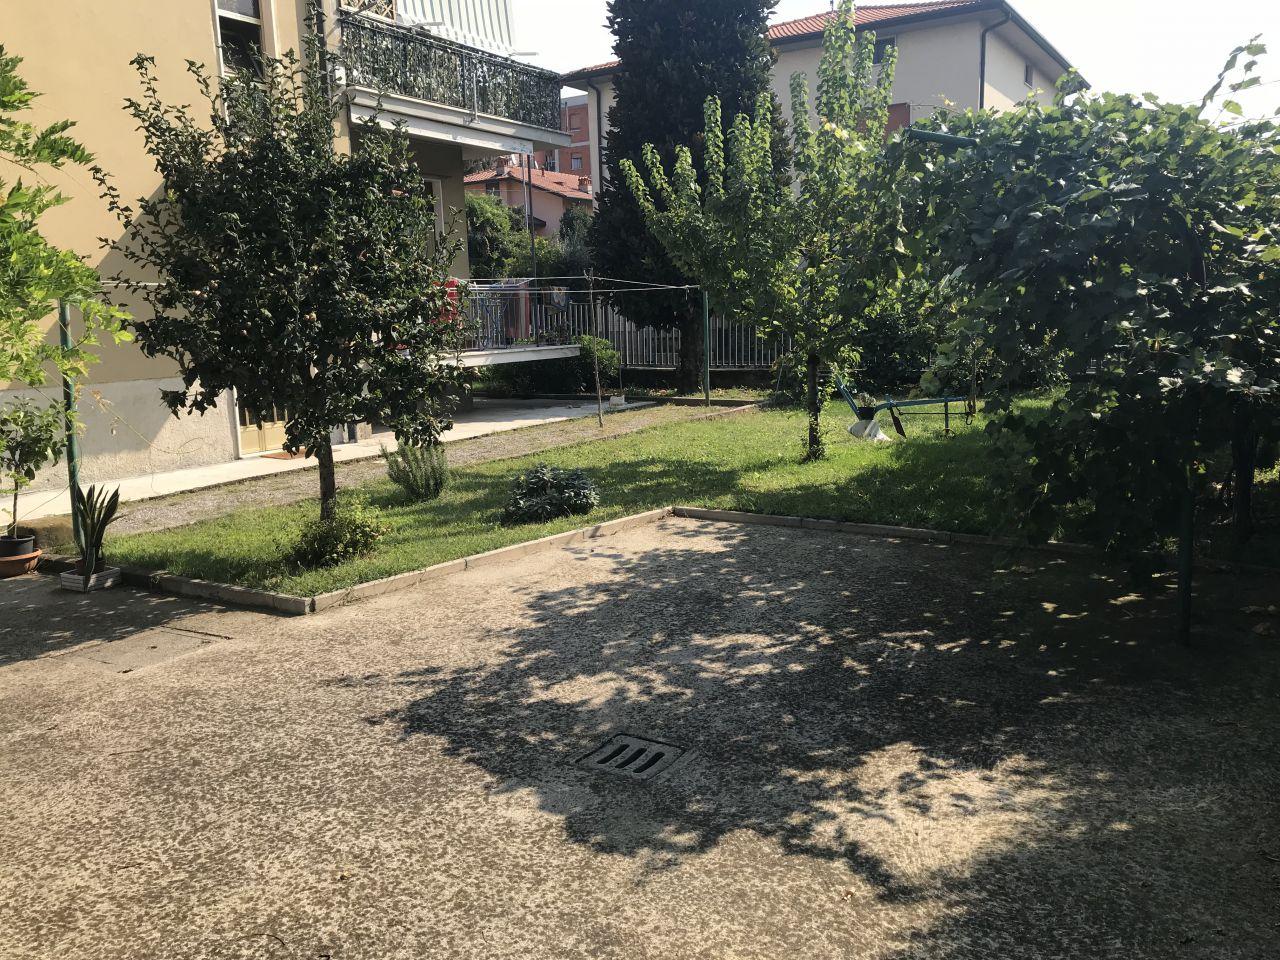 CASA ITALIA S.N.C. CONSULENZA IMMOBILIARE DI ROSSI E ZANCHI & C.